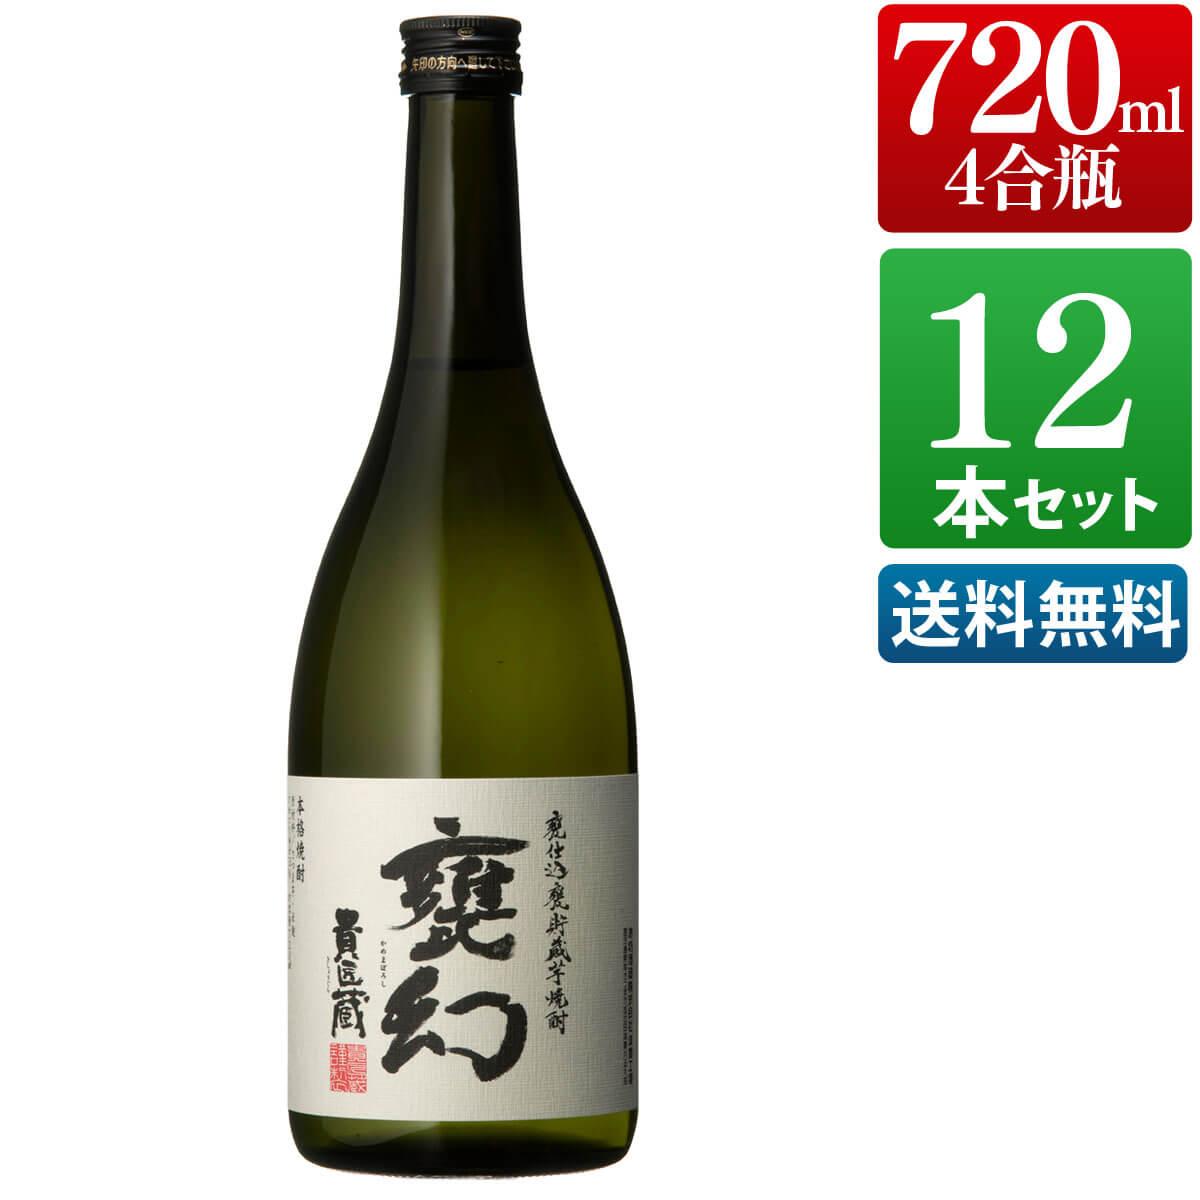 芋焼酎 12本セット 甕幻 25度 720ml [ 本坊酒造 芋焼酎 / 送料無料 ]